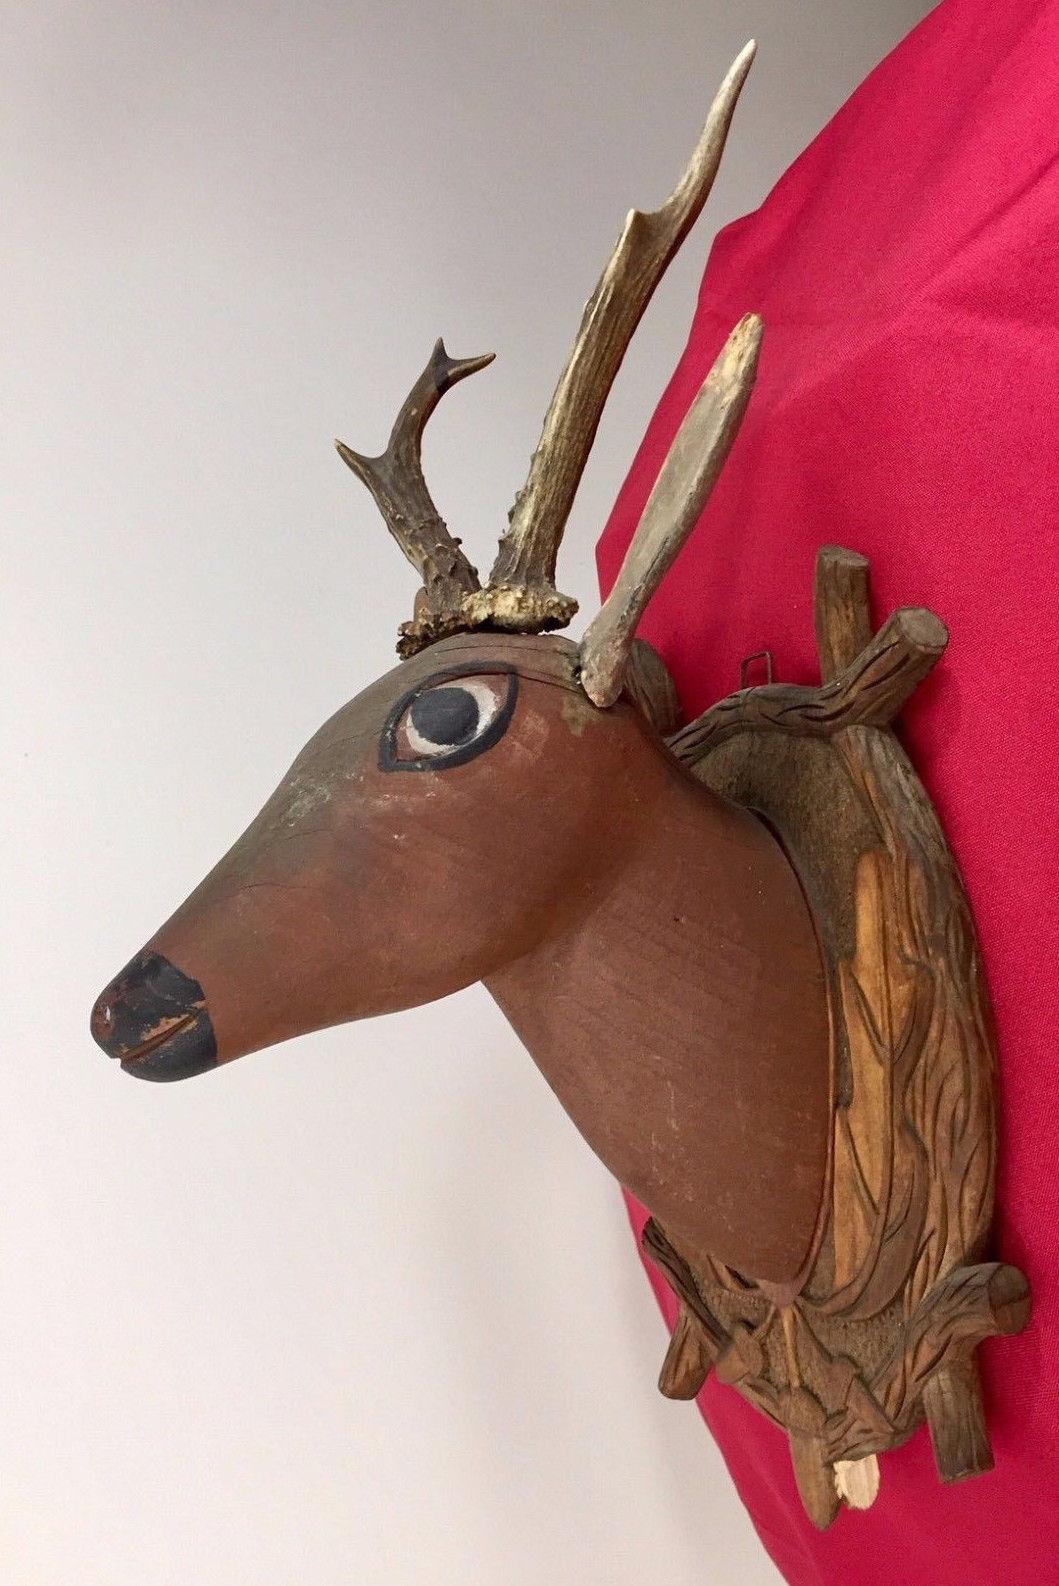 Antique 1900 Black Forest Hand Carved Wood German hunting deco design bauhaus image 2